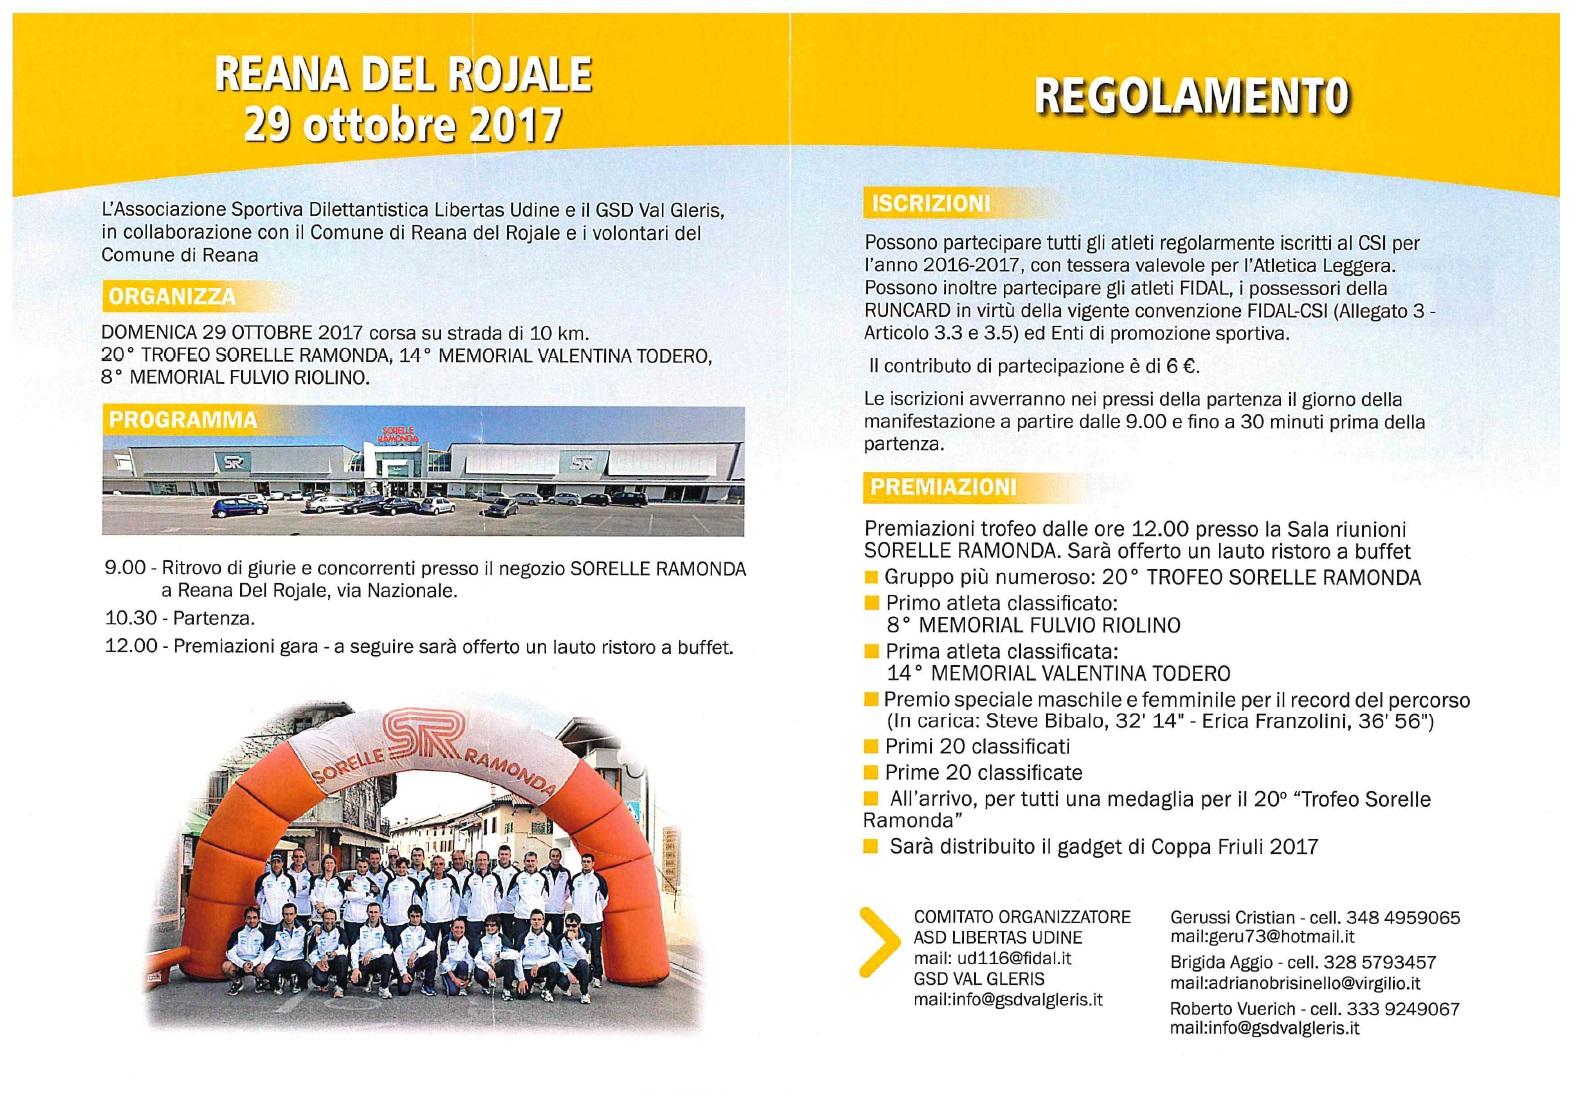 20° Trofeo Sorelle Ramonda